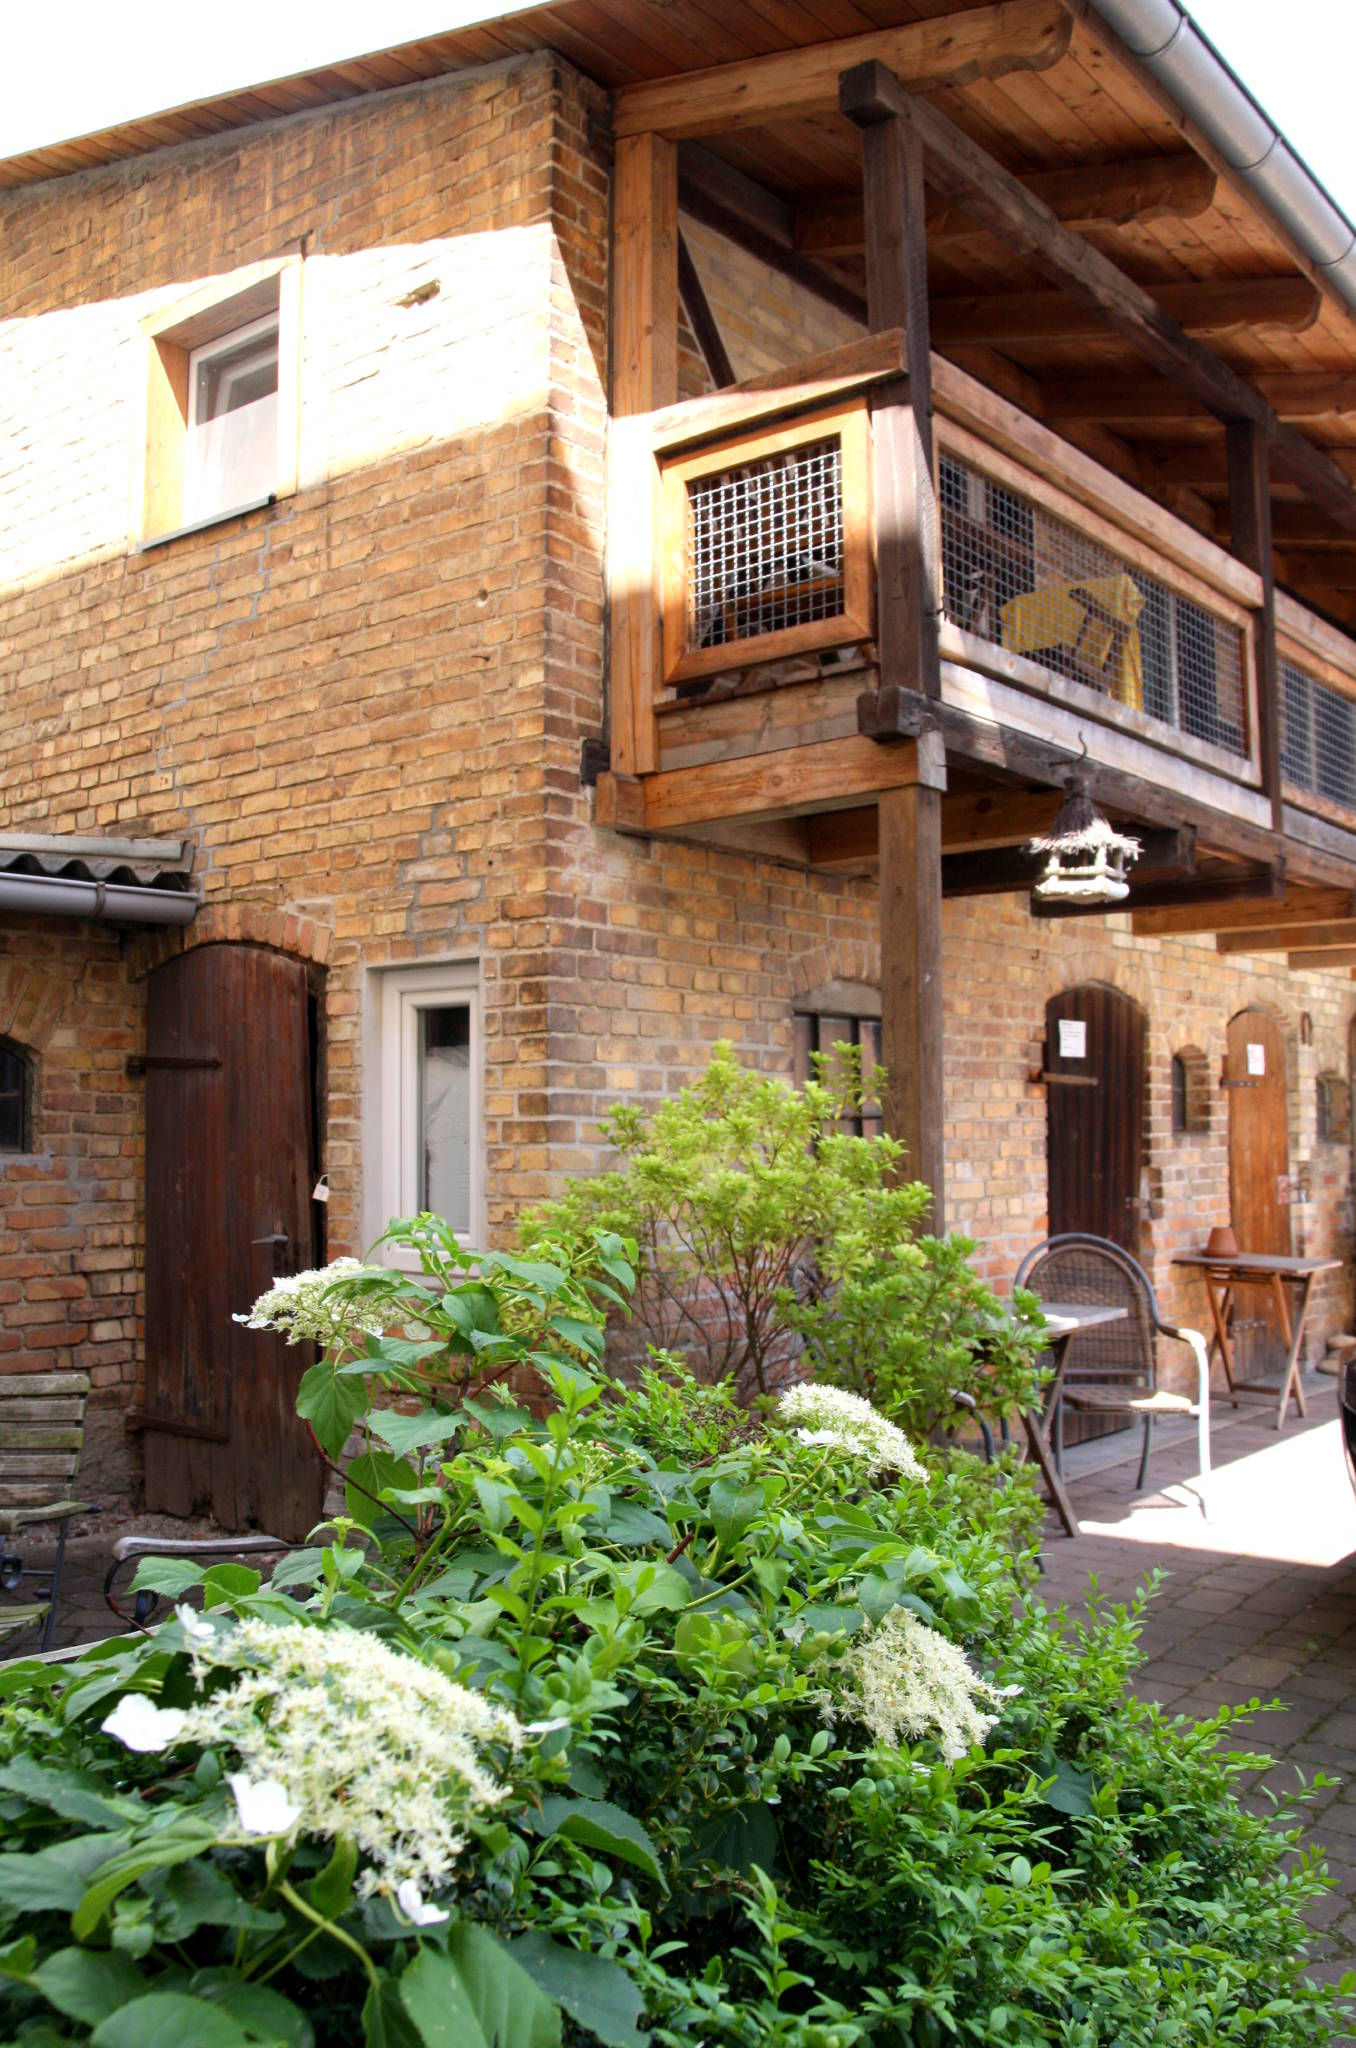 TOSKANA - Eingang mit möblierten Balkon